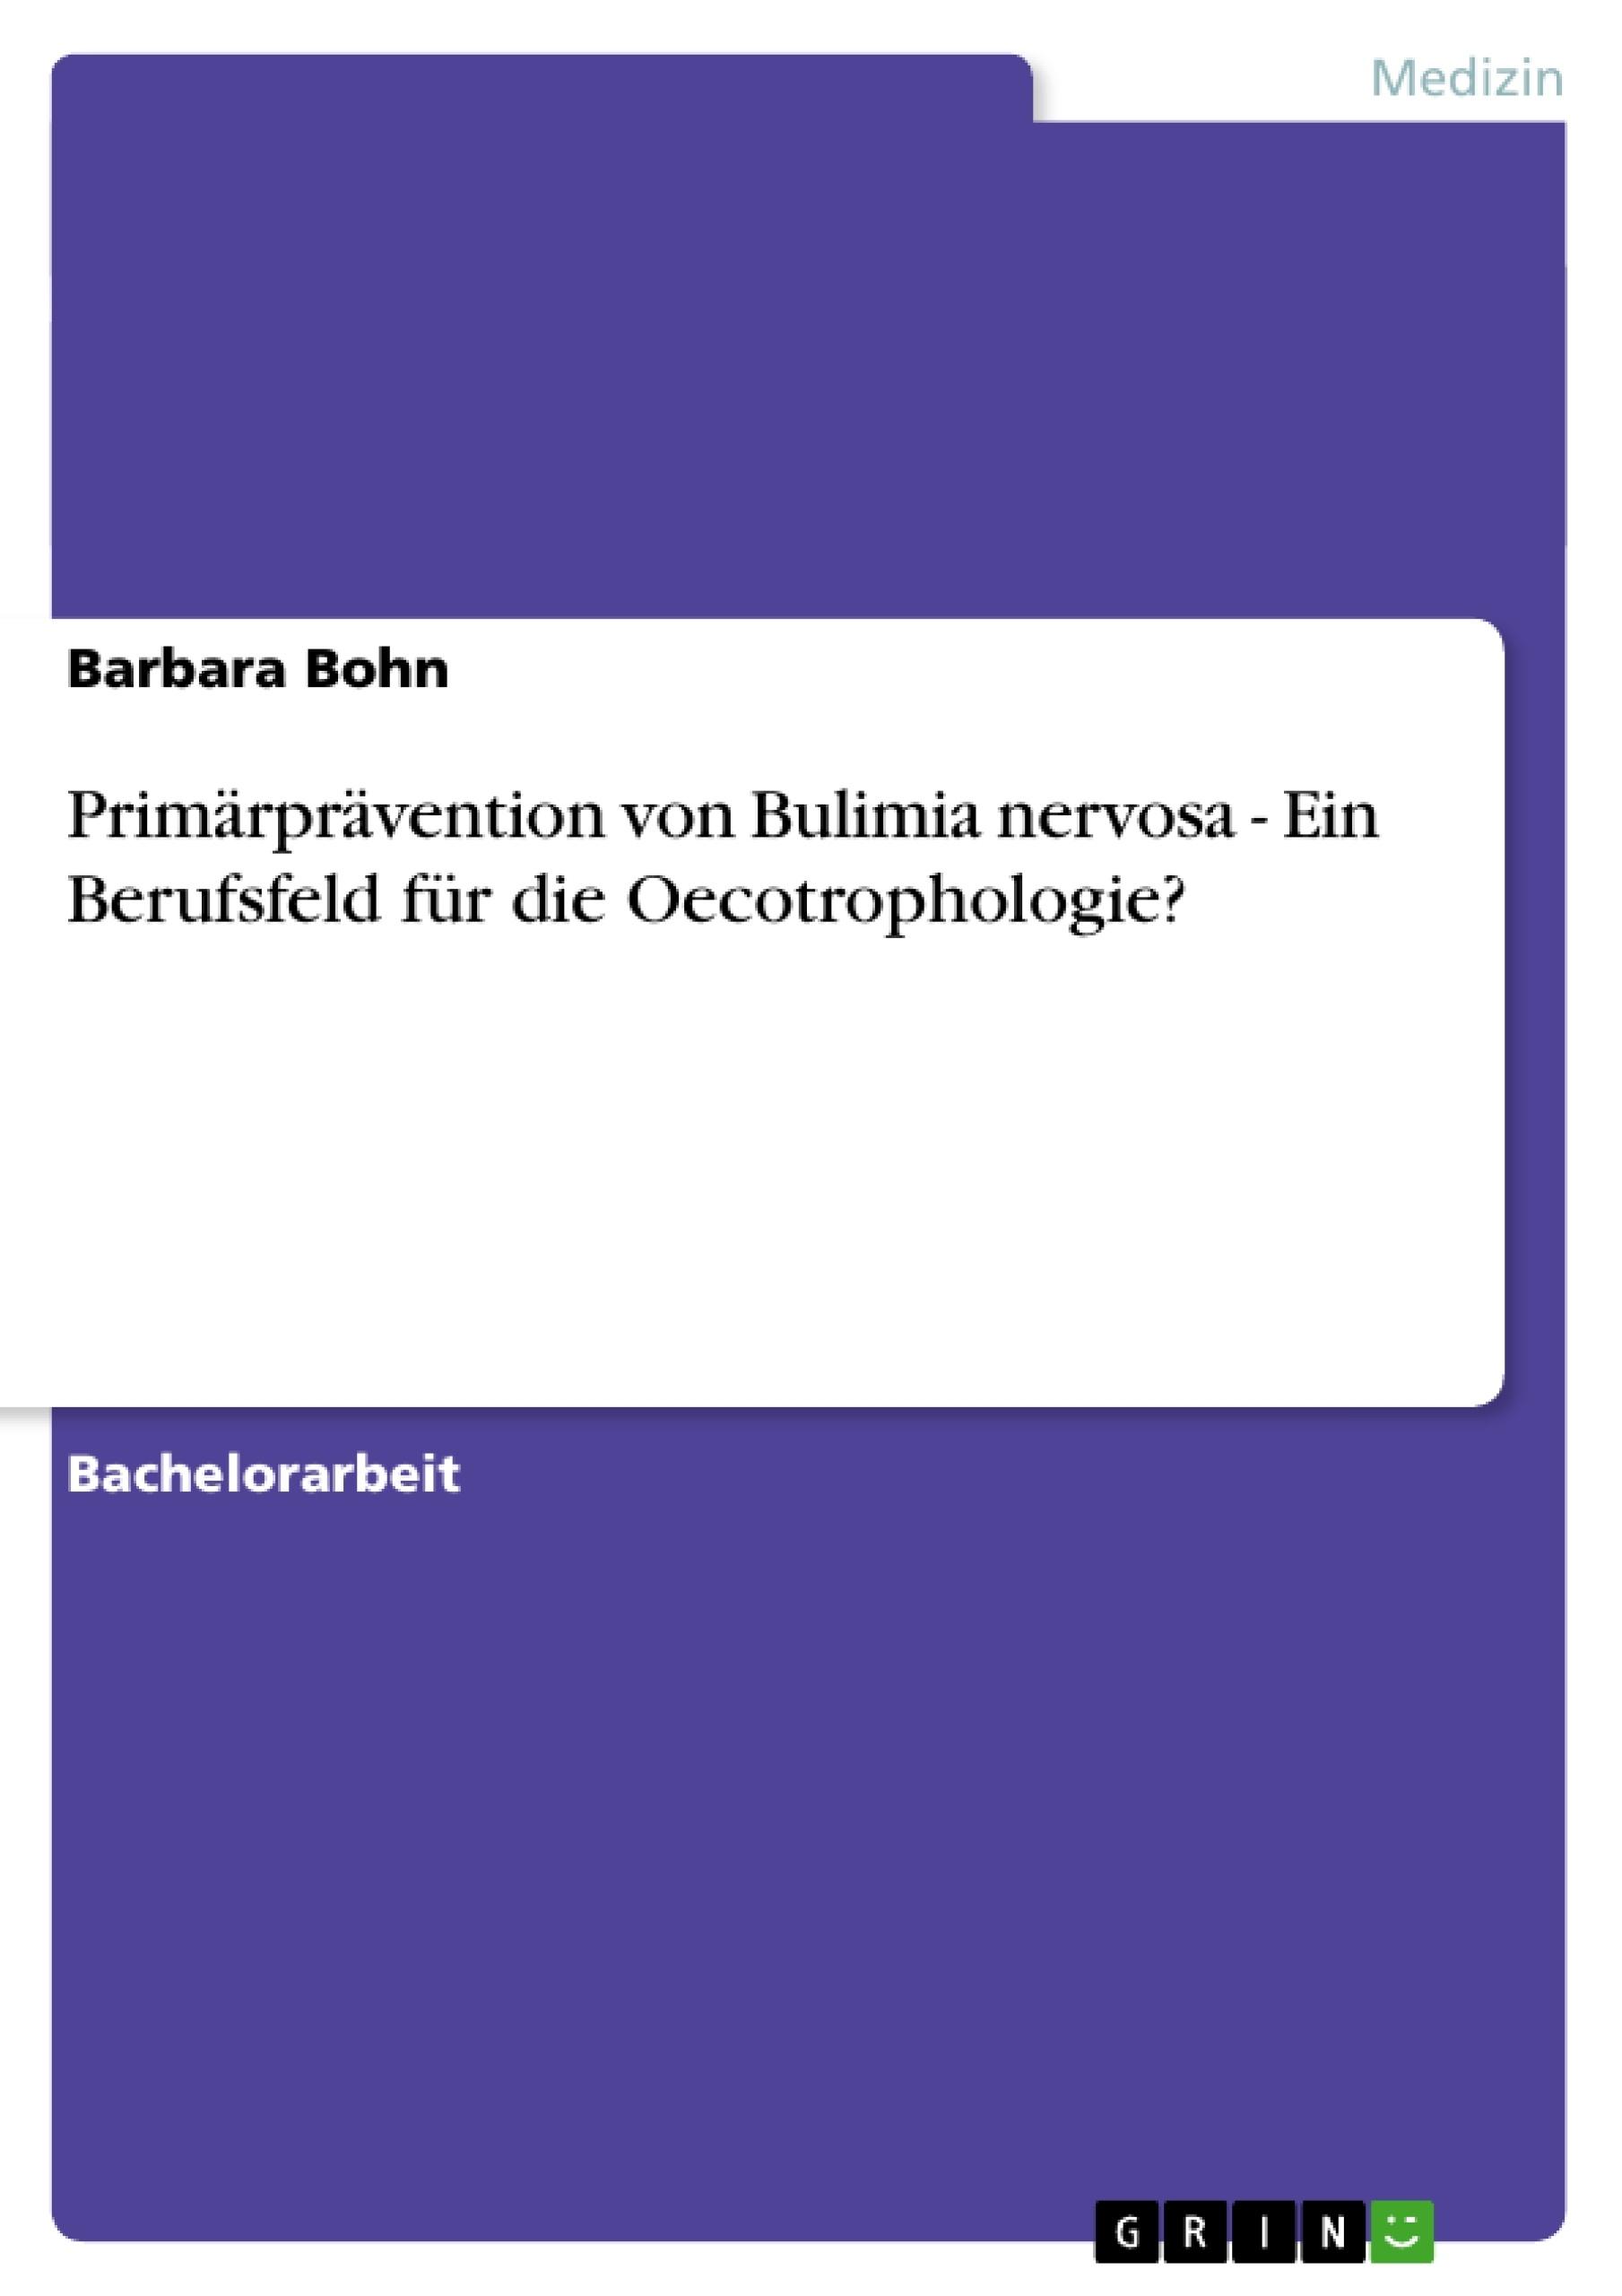 Titel: Primärprävention von Bulimia nervosa - Ein Berufsfeld für die Oecotrophologie?